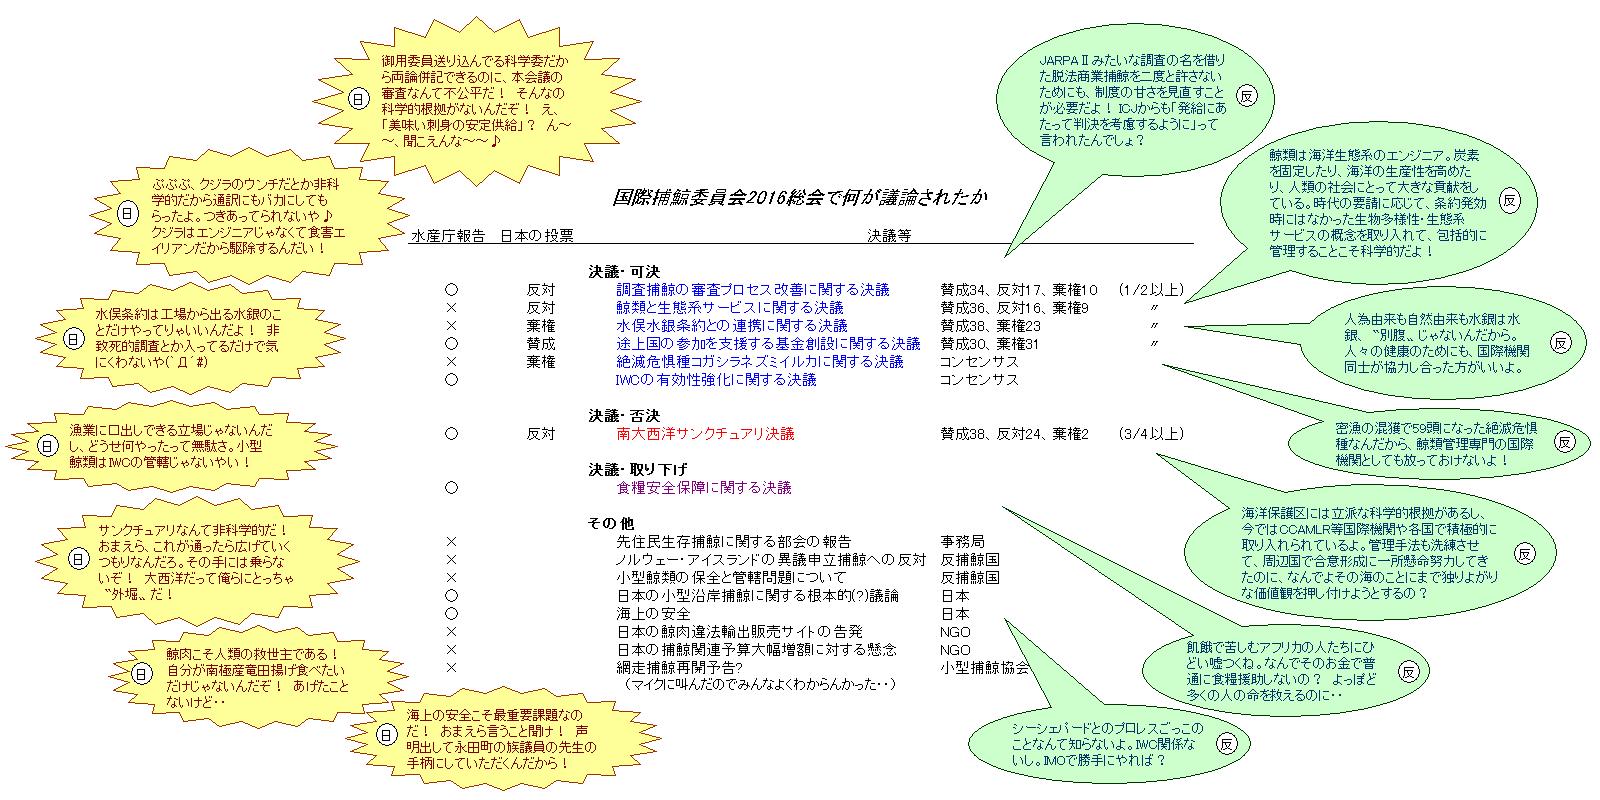 1768369b11ad4 さらに、設立70周年を記念する今年のIWC総会にぶつけるように、日本は自国が法の裏を掻くダーティーな国であることをアピールするかの如く、ネタをわざわざ3つも提供  ...